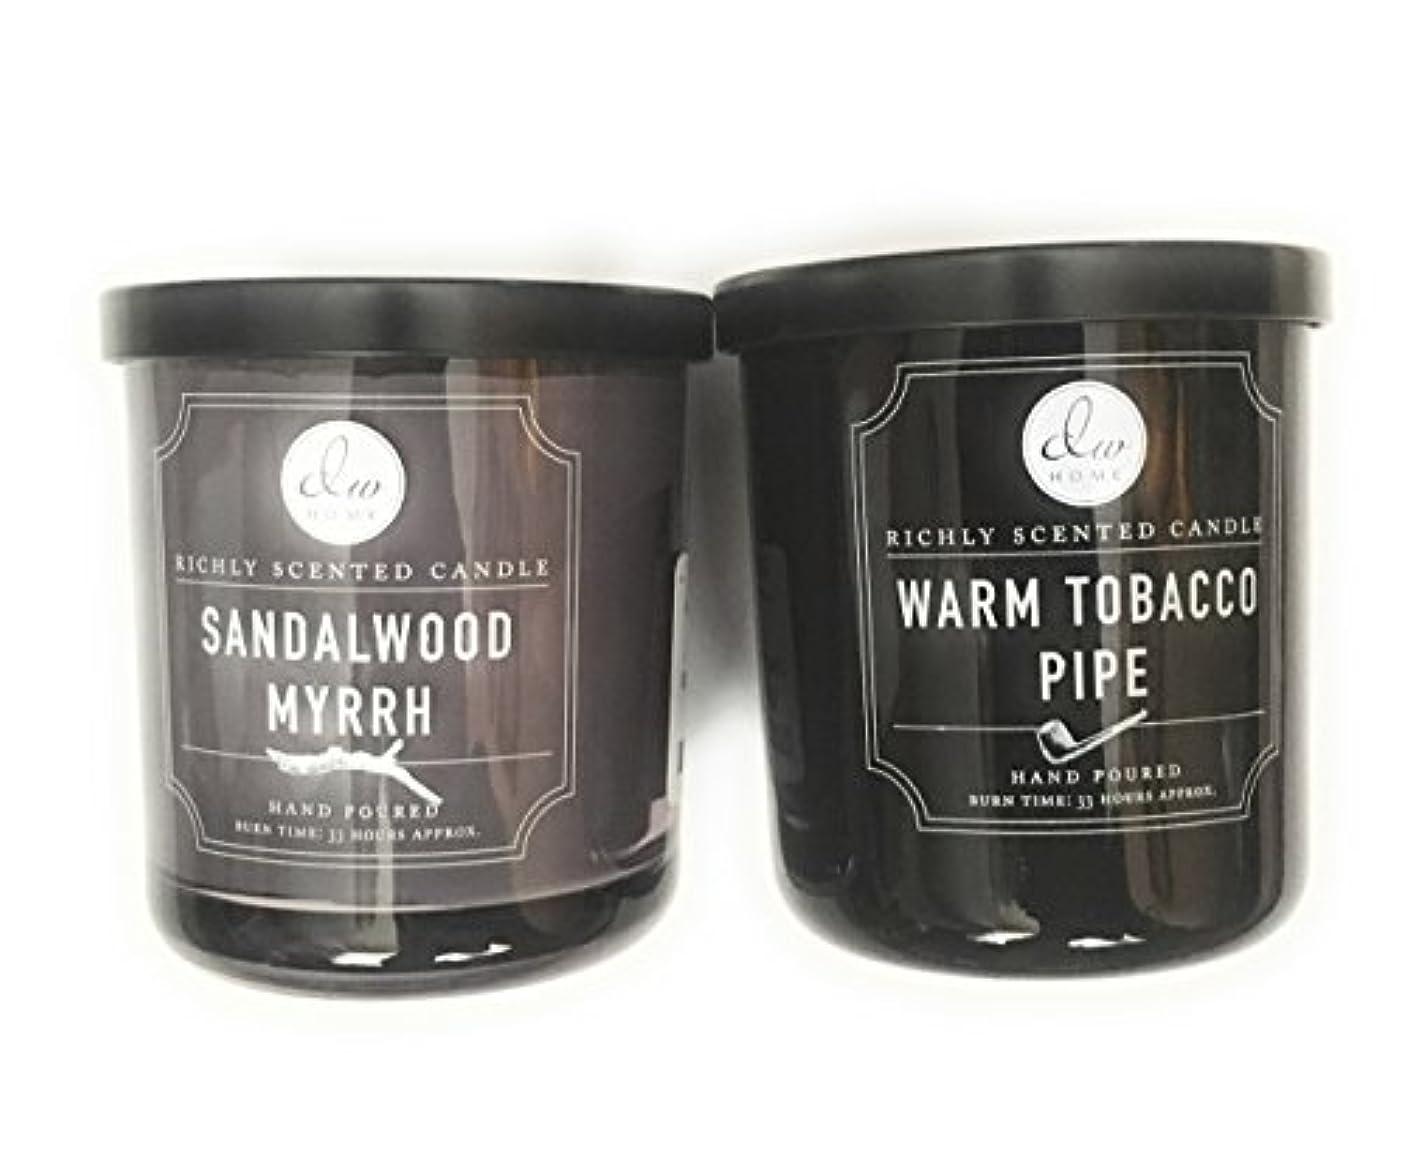 余韻版温室DW Home Candle Bundle with a Warm Tobacco Pipe (290ml) Candle and a Sandalwood and Myrrh (290ml) Candle (2 items)